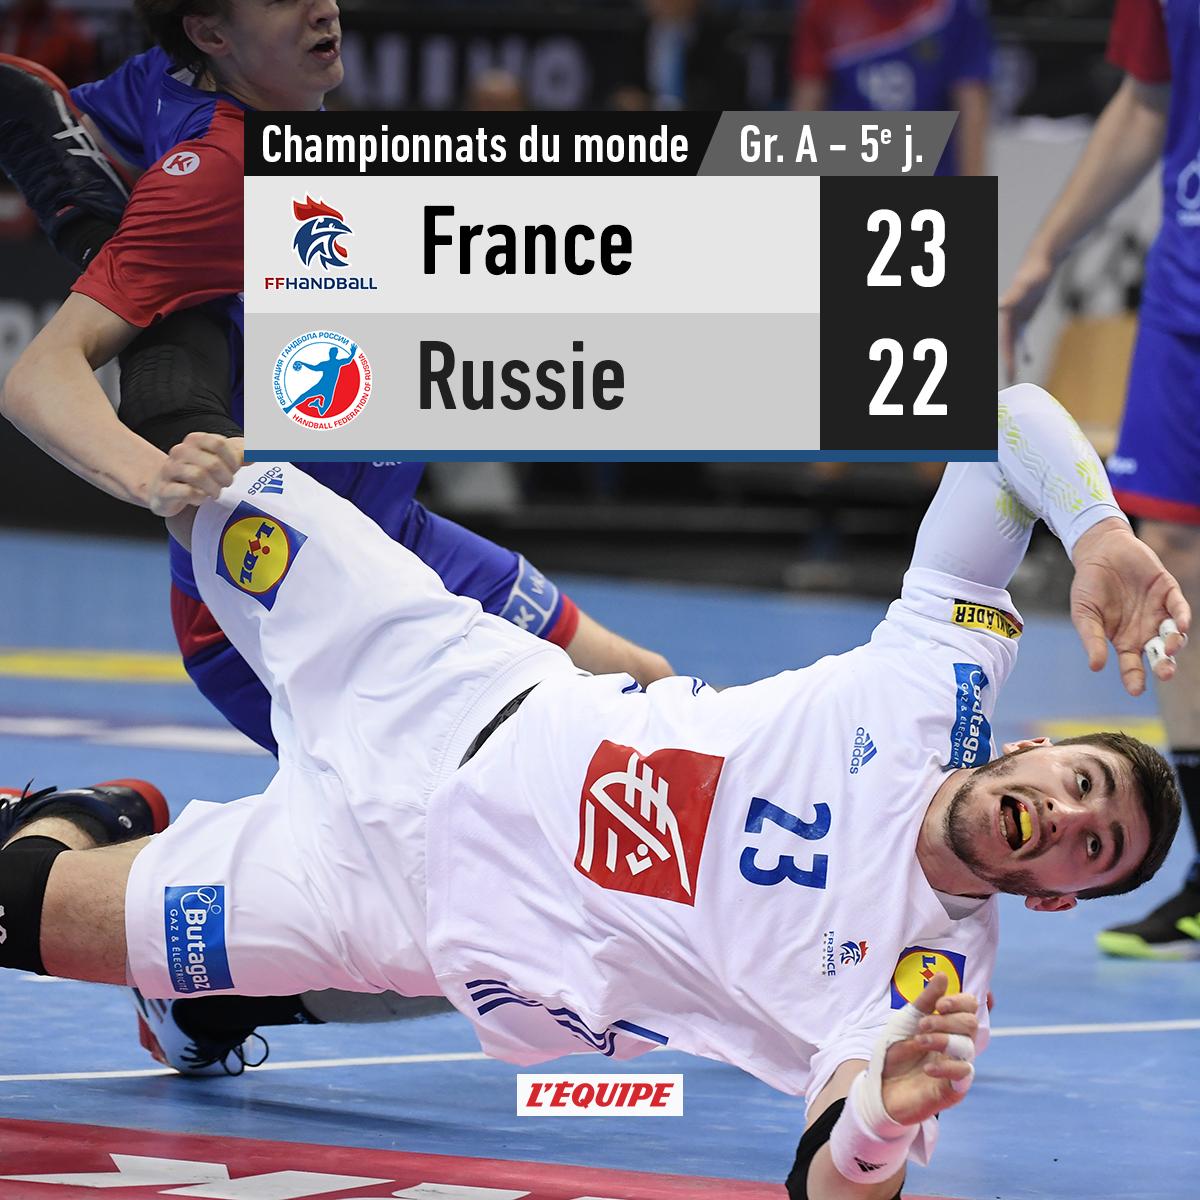 La France termine la phase de poules en tête.   Le match > https://t.co/ZSbnEzwQ4a